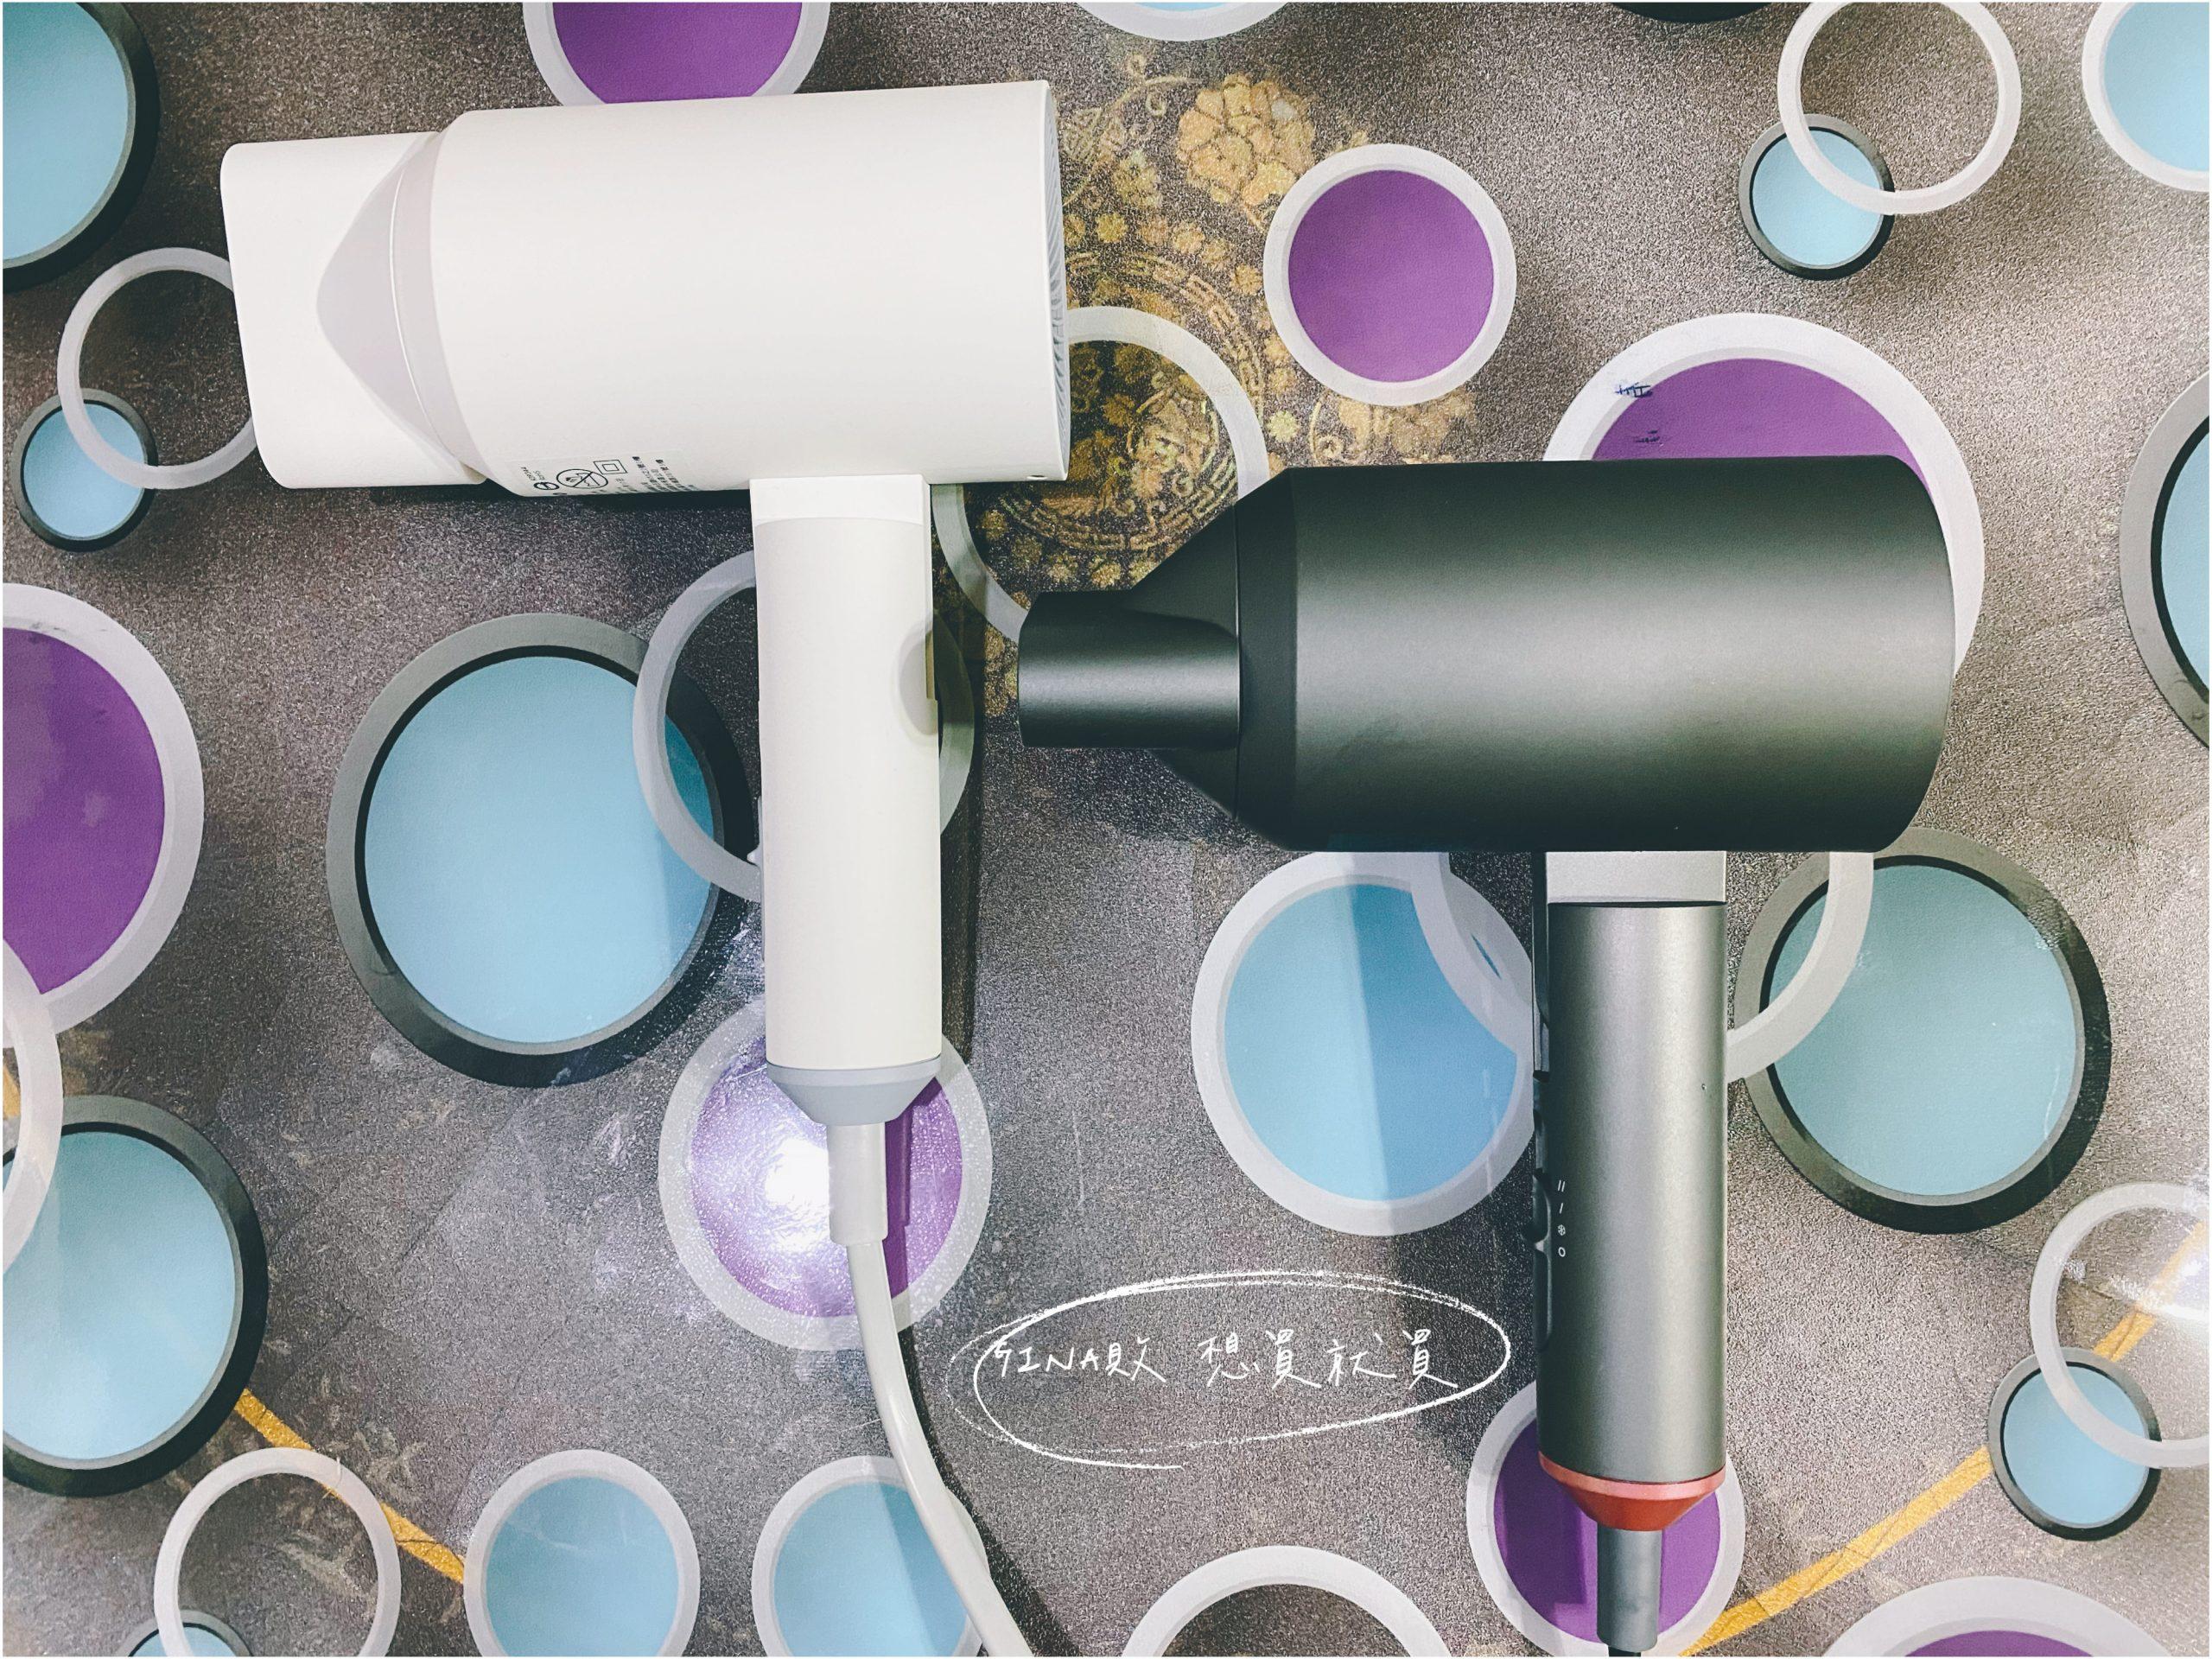 【KINYO陶瓷負離子吹風機】KH-9201熱賣款實際使用心得|灰白兩色+專用風罩 @GINA環球旅行生活